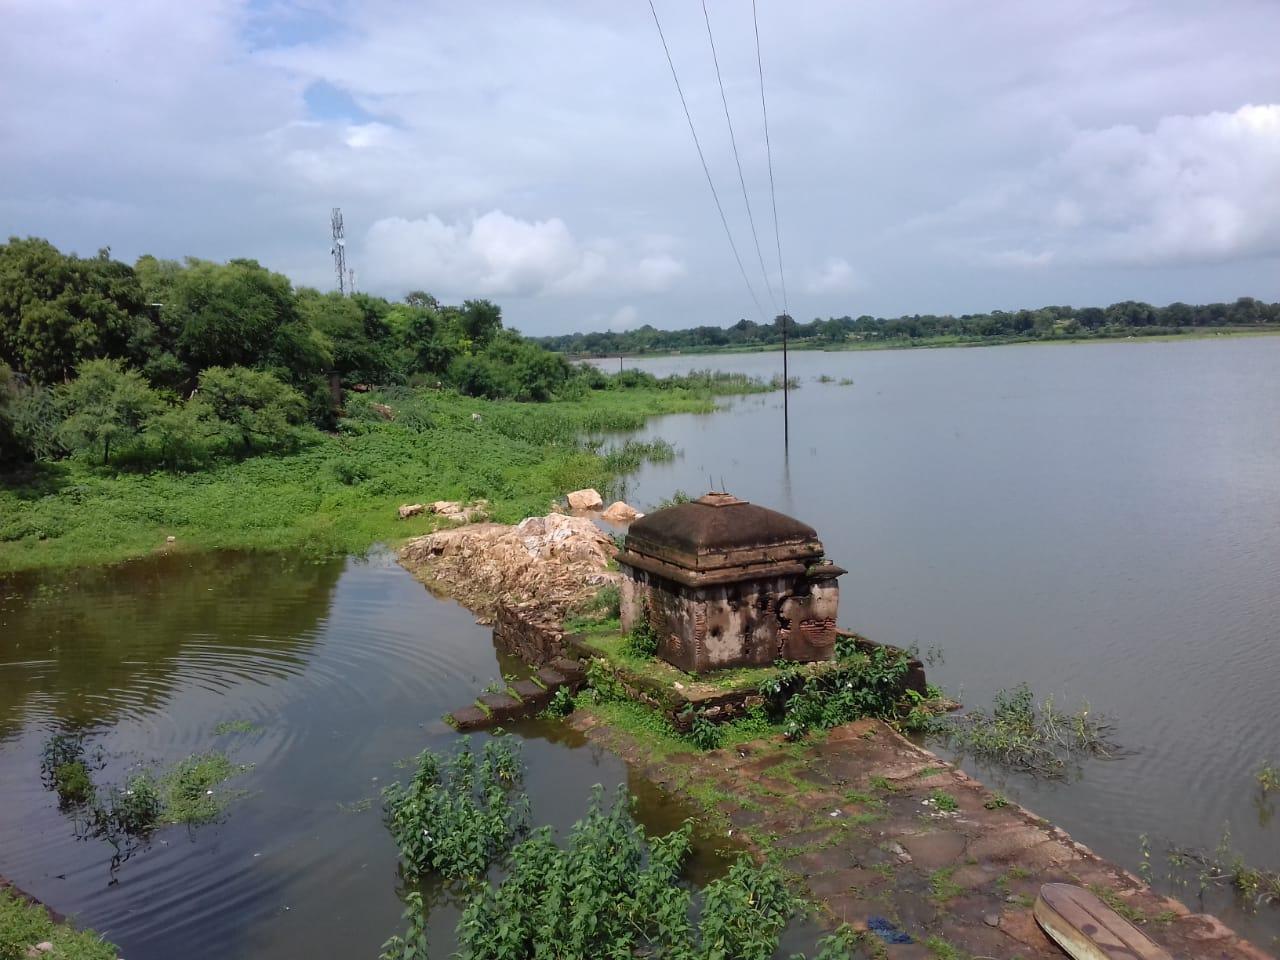 40 तालाबों में रिचार्ज शाफ्ट योजना चालू करने के लिए मार्च में दिए थे आदेश